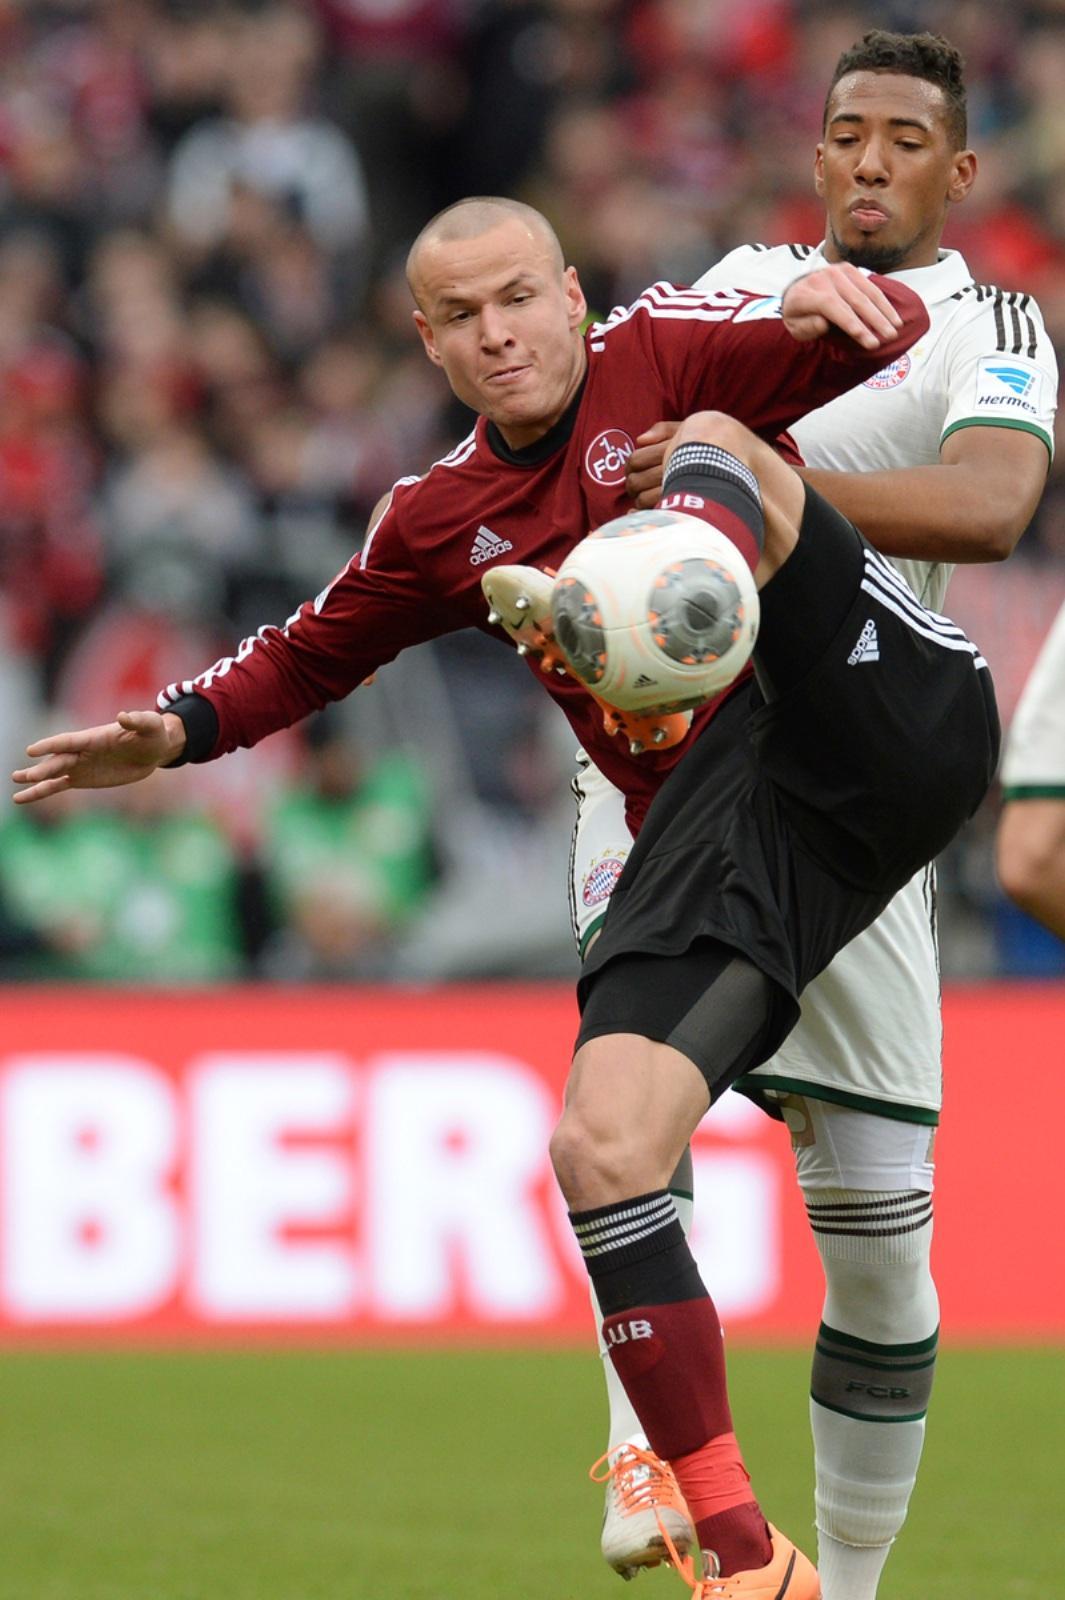 f7be030e1f8 AFP Die Bayern haben das umkämpfte Derby gegen den 1. FC Nürnberg gewonnen.  Sehen Sie hier Bilder vom Spiel und im Anschluss die Noten.